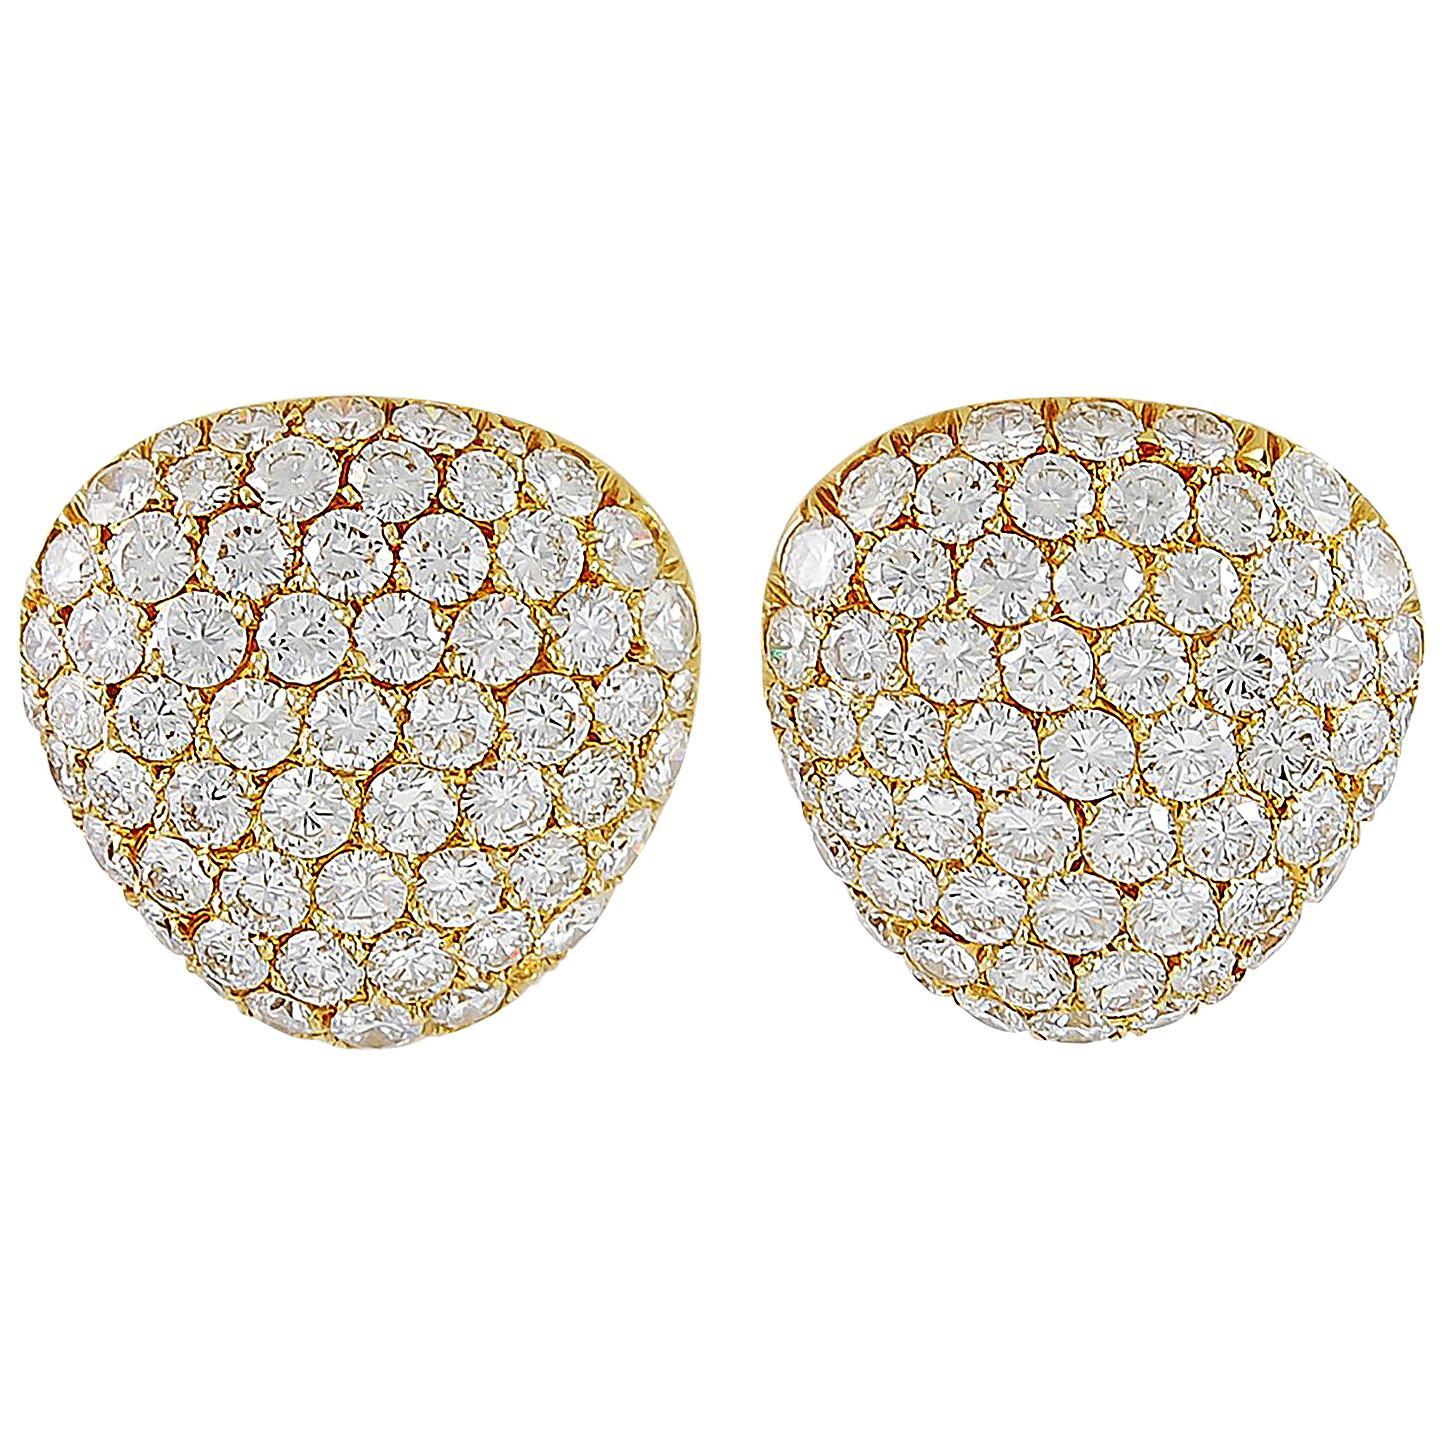 Van Cleef & Arpels Pavé Diamonds Earrings